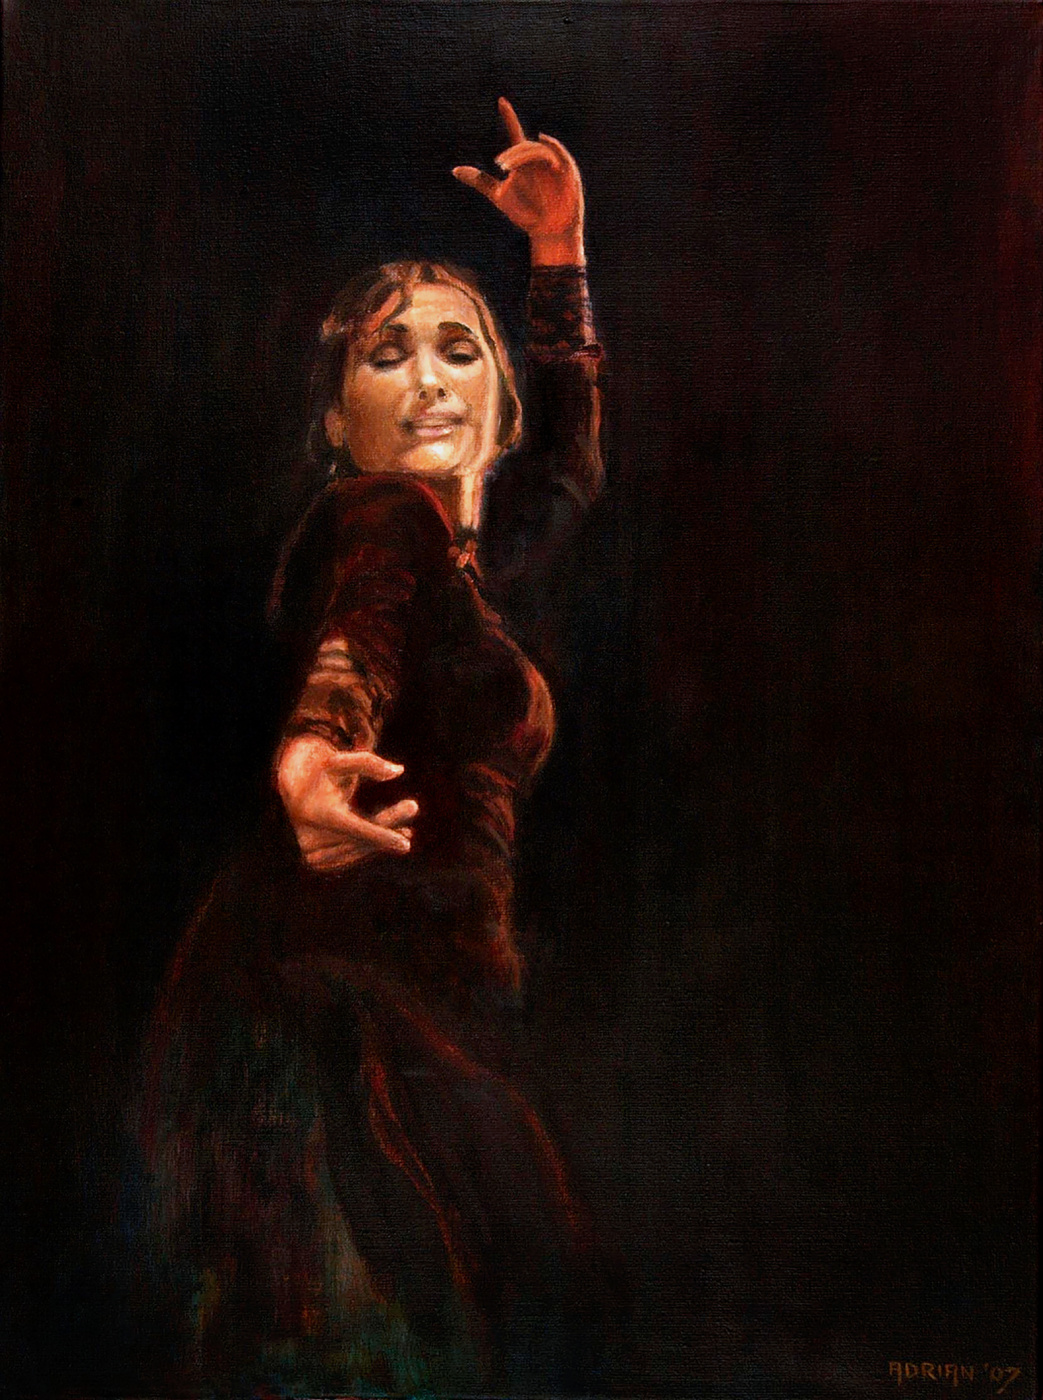 Adrian Rooymans. Flamenco dancer Eva Yerbabuena